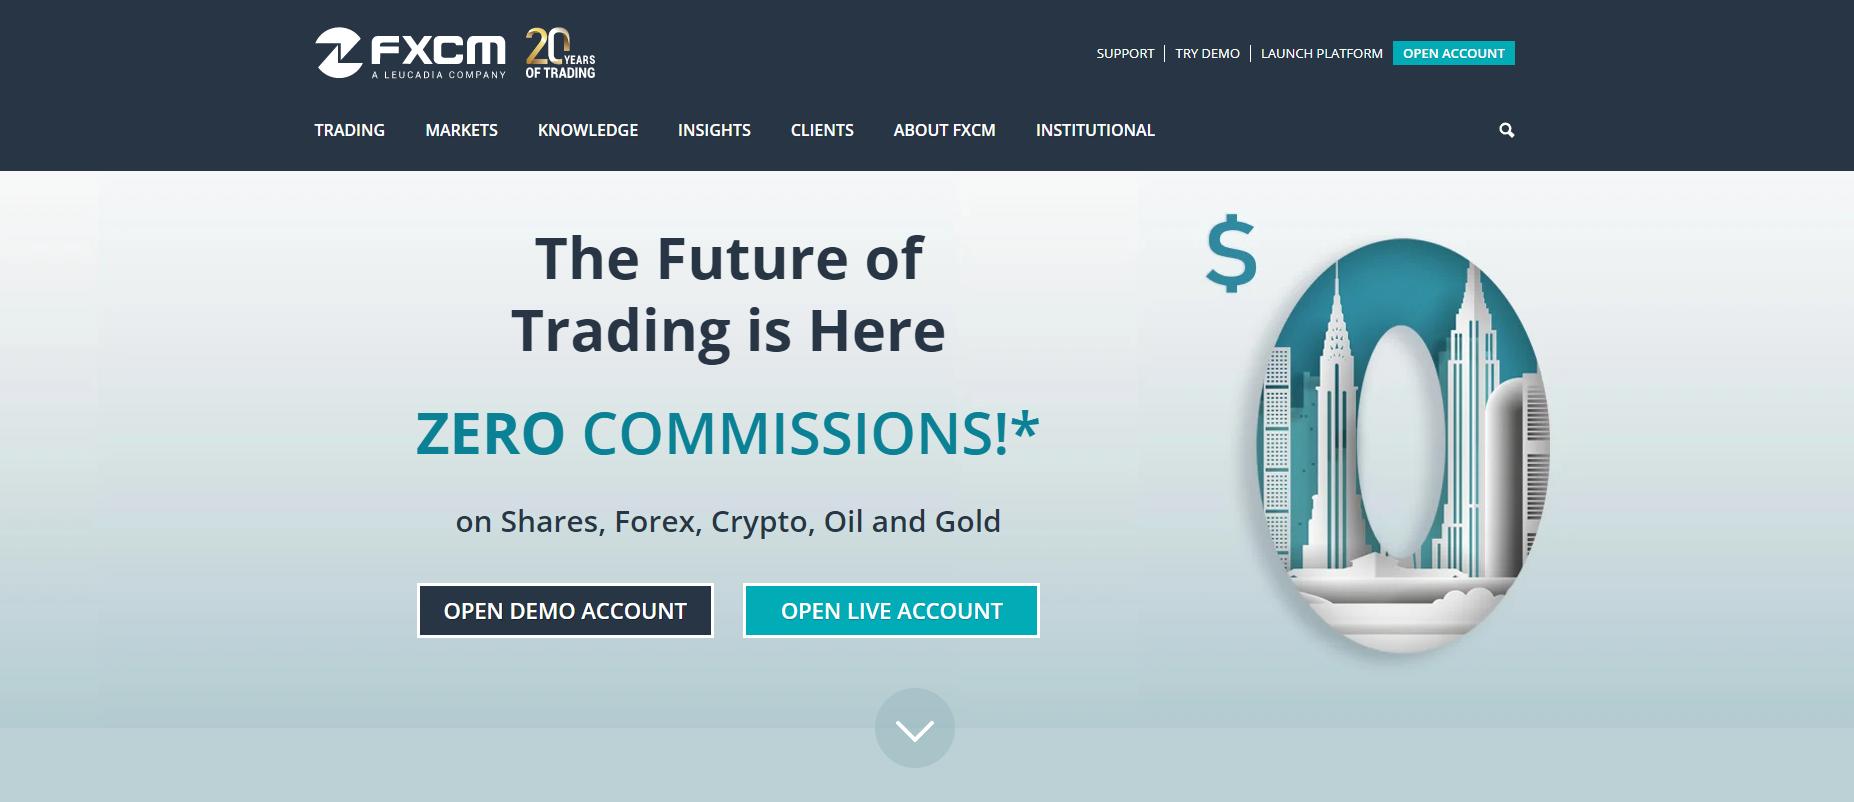 FXCM网站